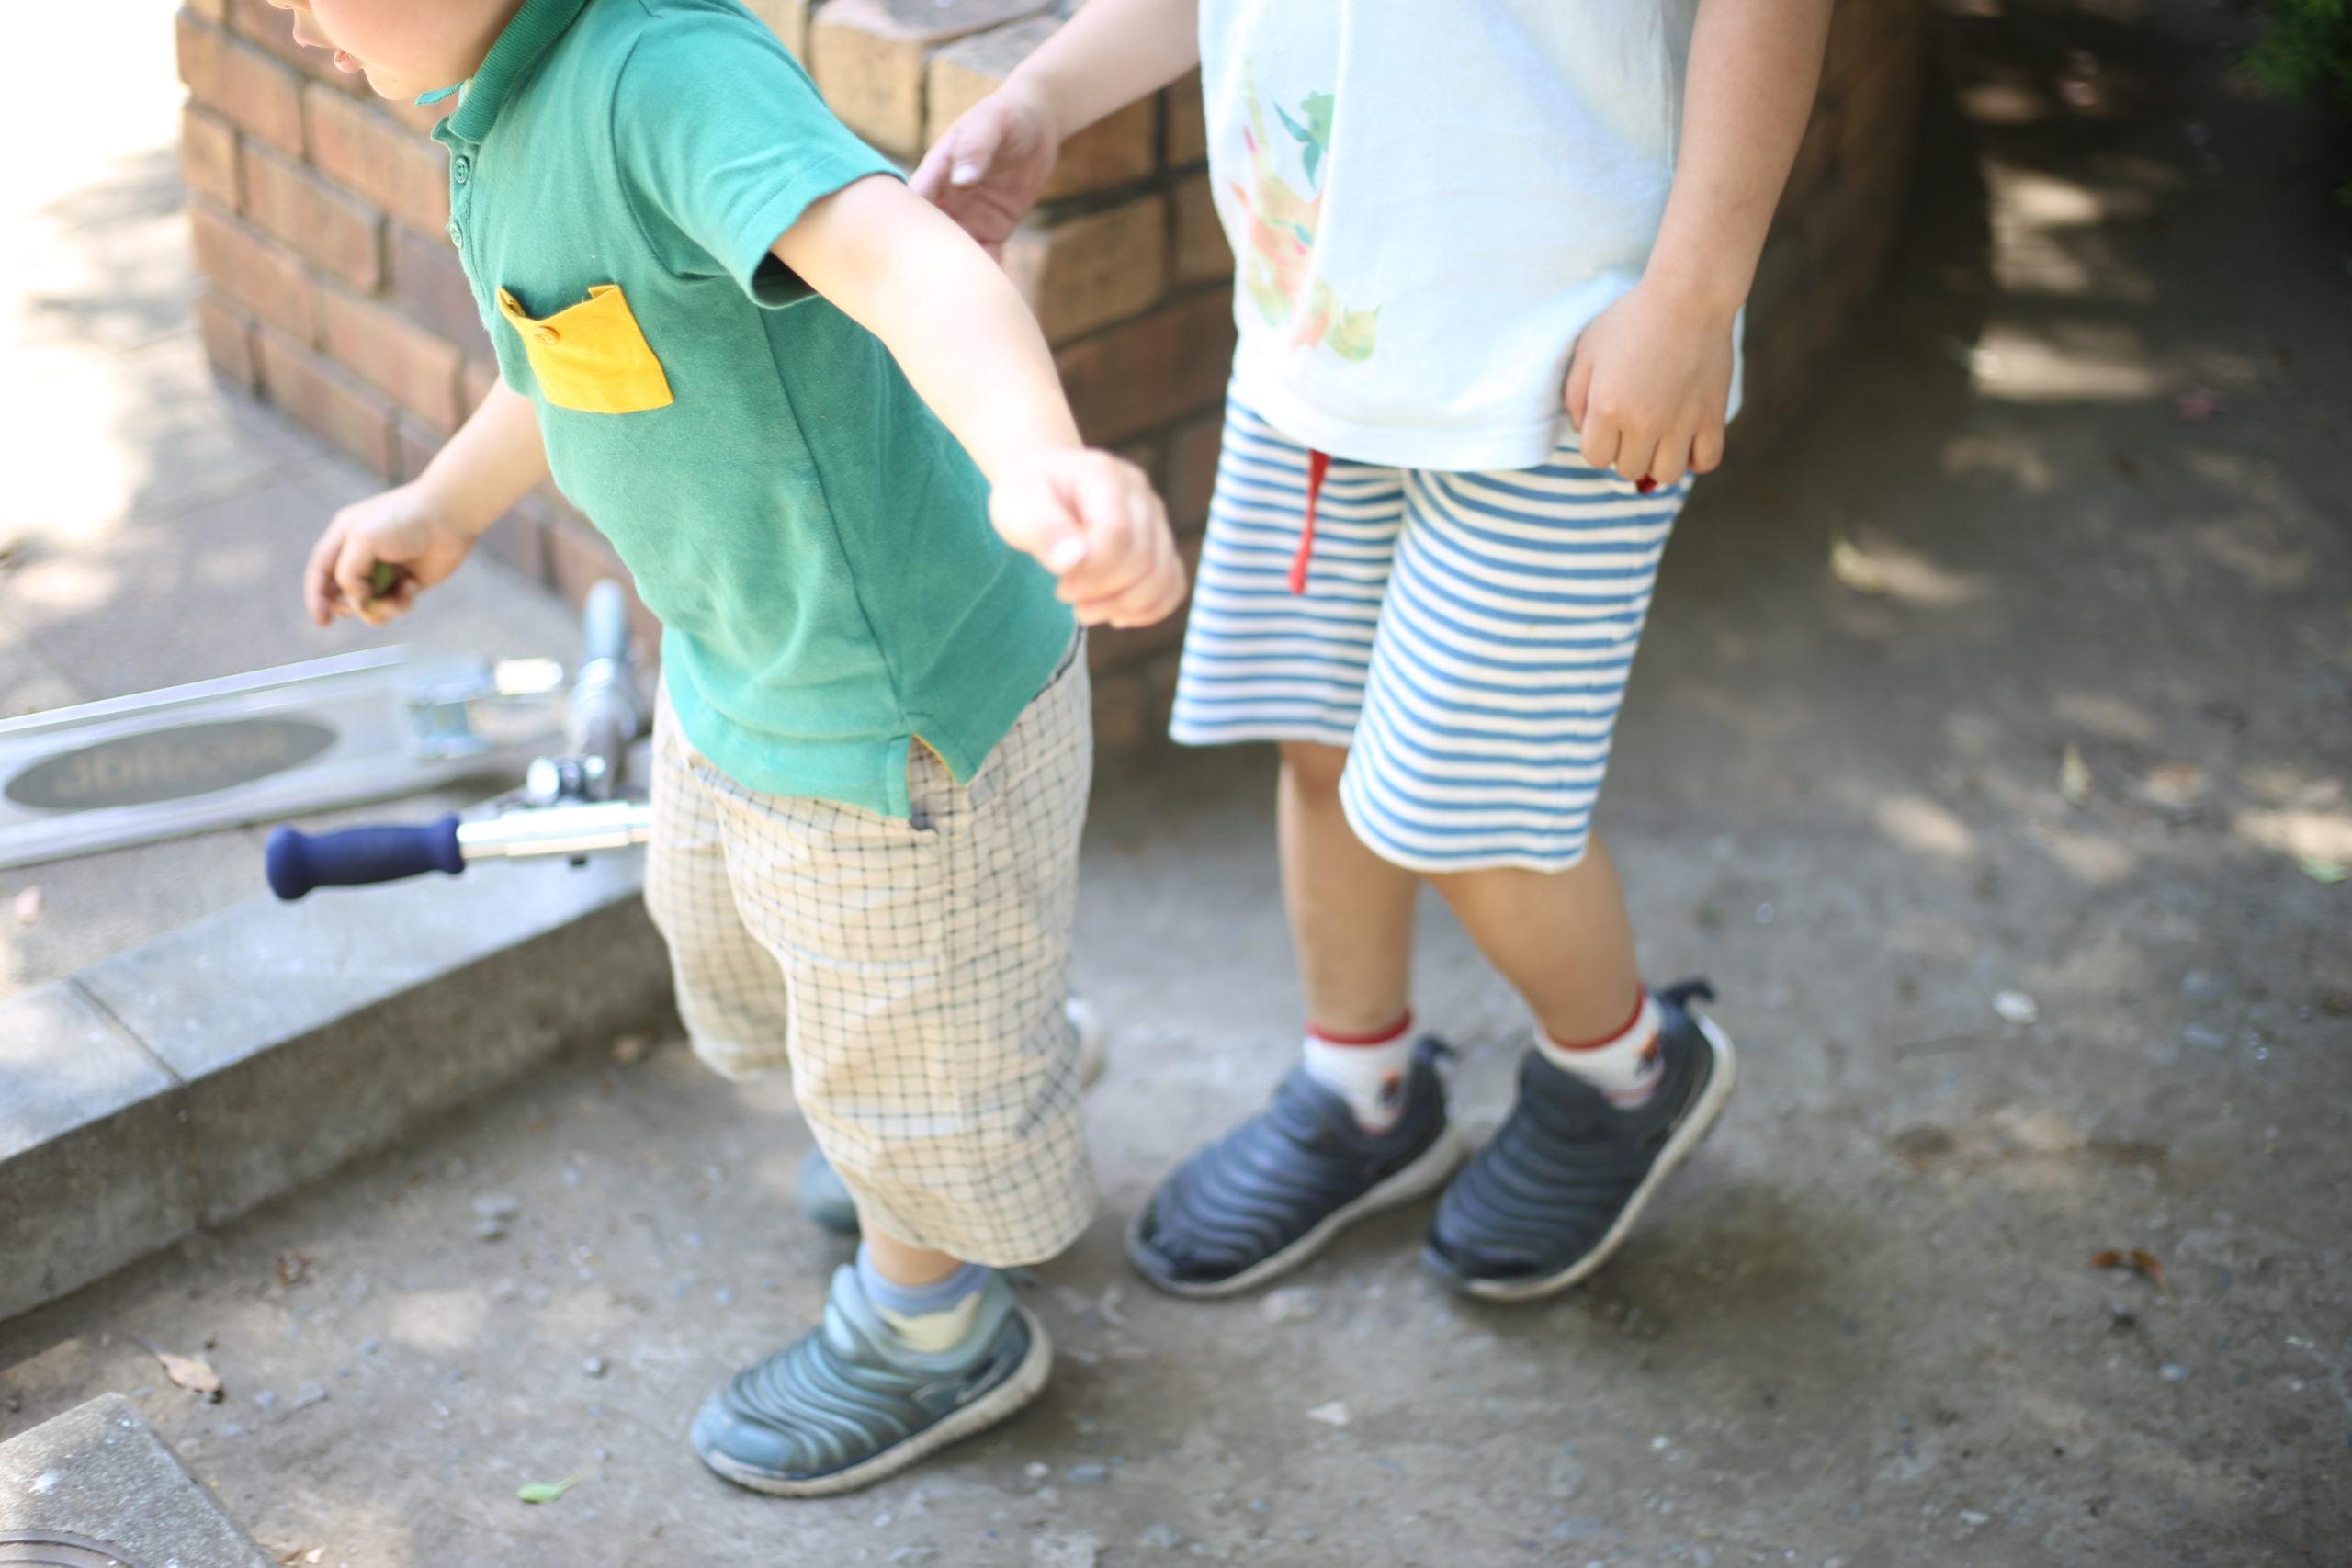 自宅保育の影響か?兄弟遊びが加速しています。